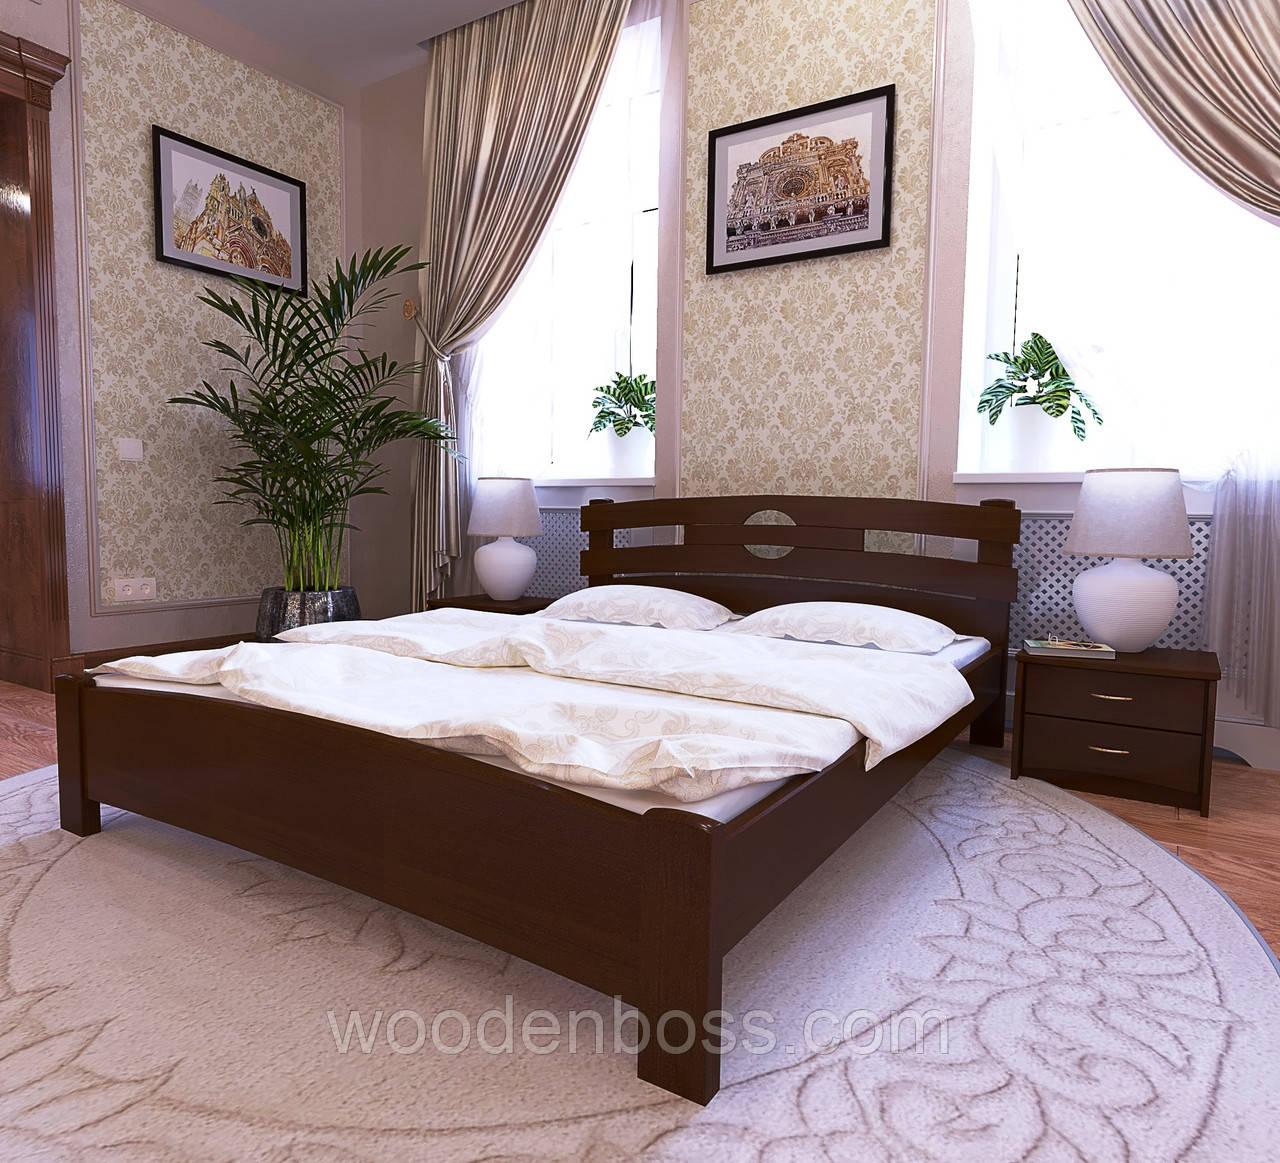 """Кровать двуспальная от """"Wooden Boss"""" Токио (спальное место 180х190/200)"""